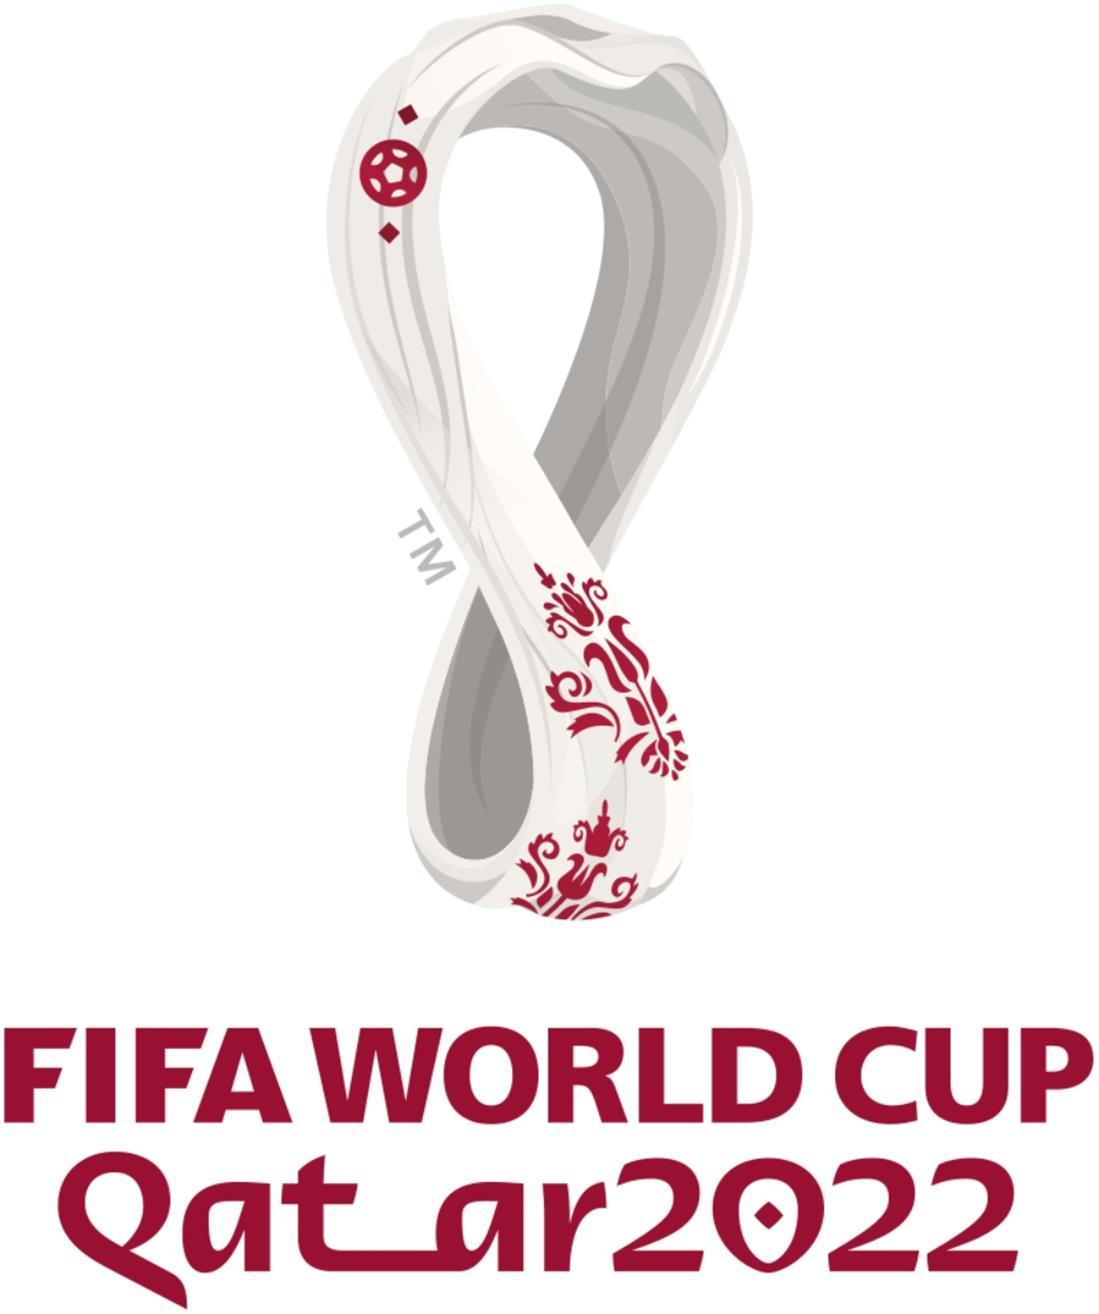 Μουντιάλ 2022 - Logo